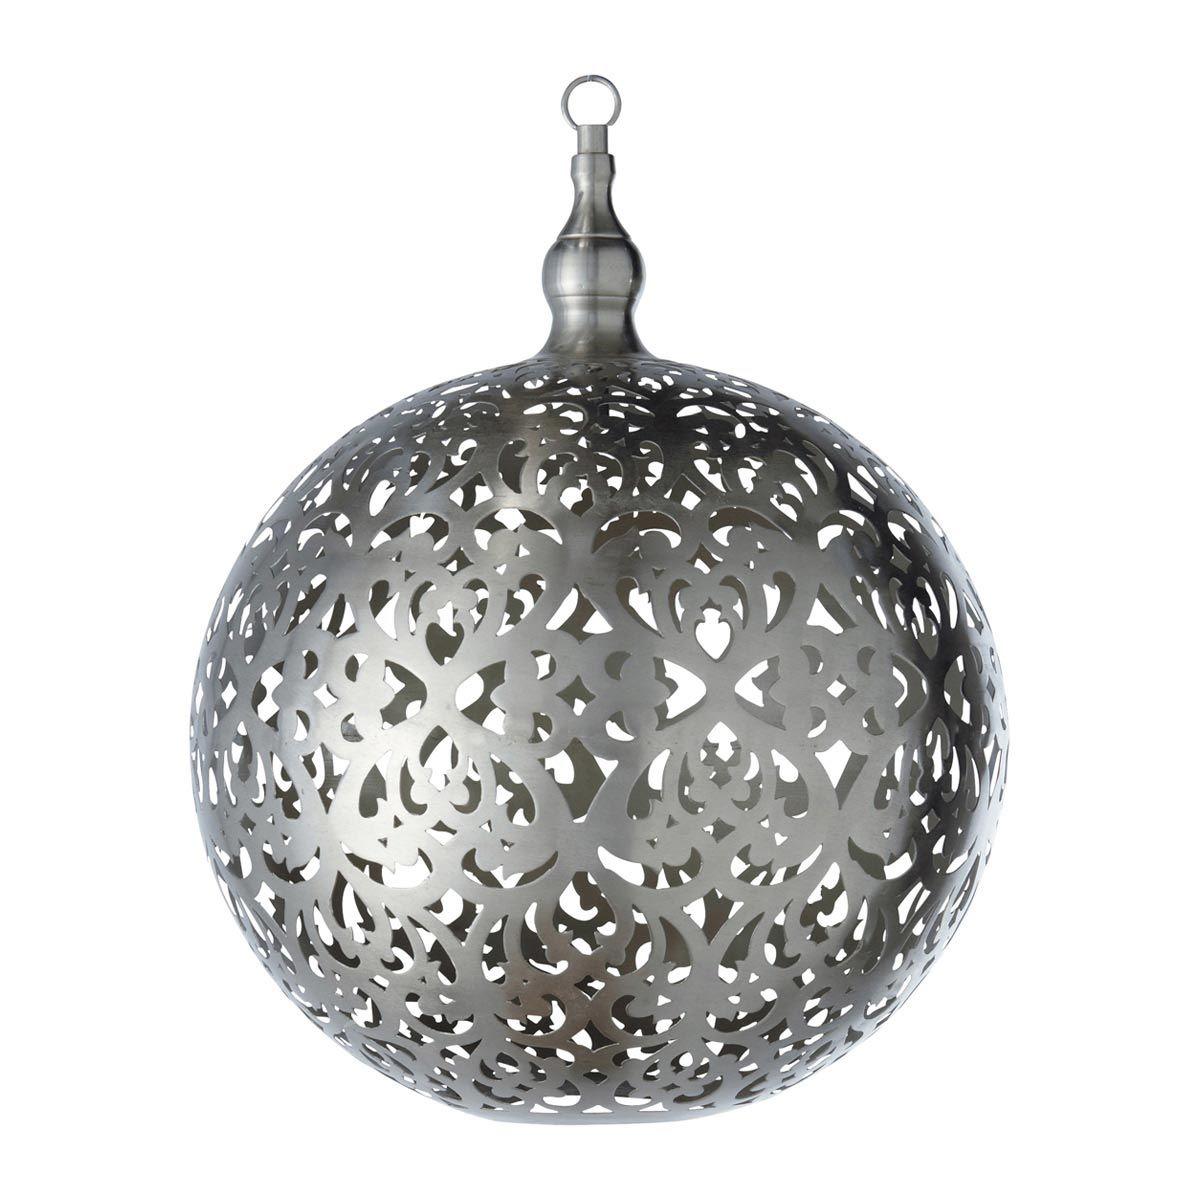 Hangeleuchte In Kugelform Aus Metall Ohne Elektrischen Anschluss D 40 Cm Rabia 179 Hangeleuchte Lampe Lampen